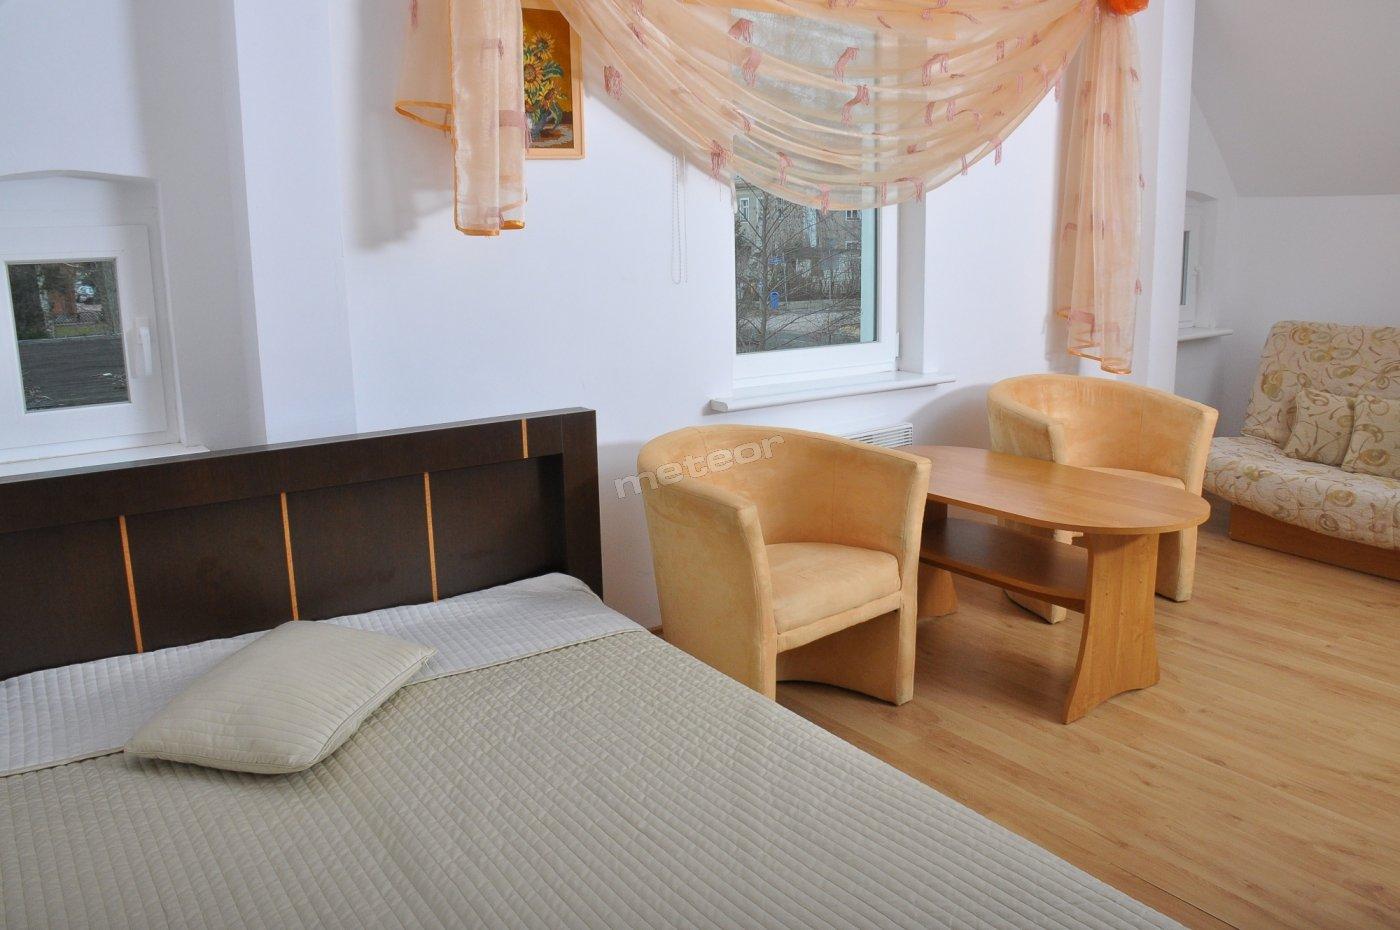 Pokój 2-3 osobowy z pełnym węzłem sanitarnym w budynku B